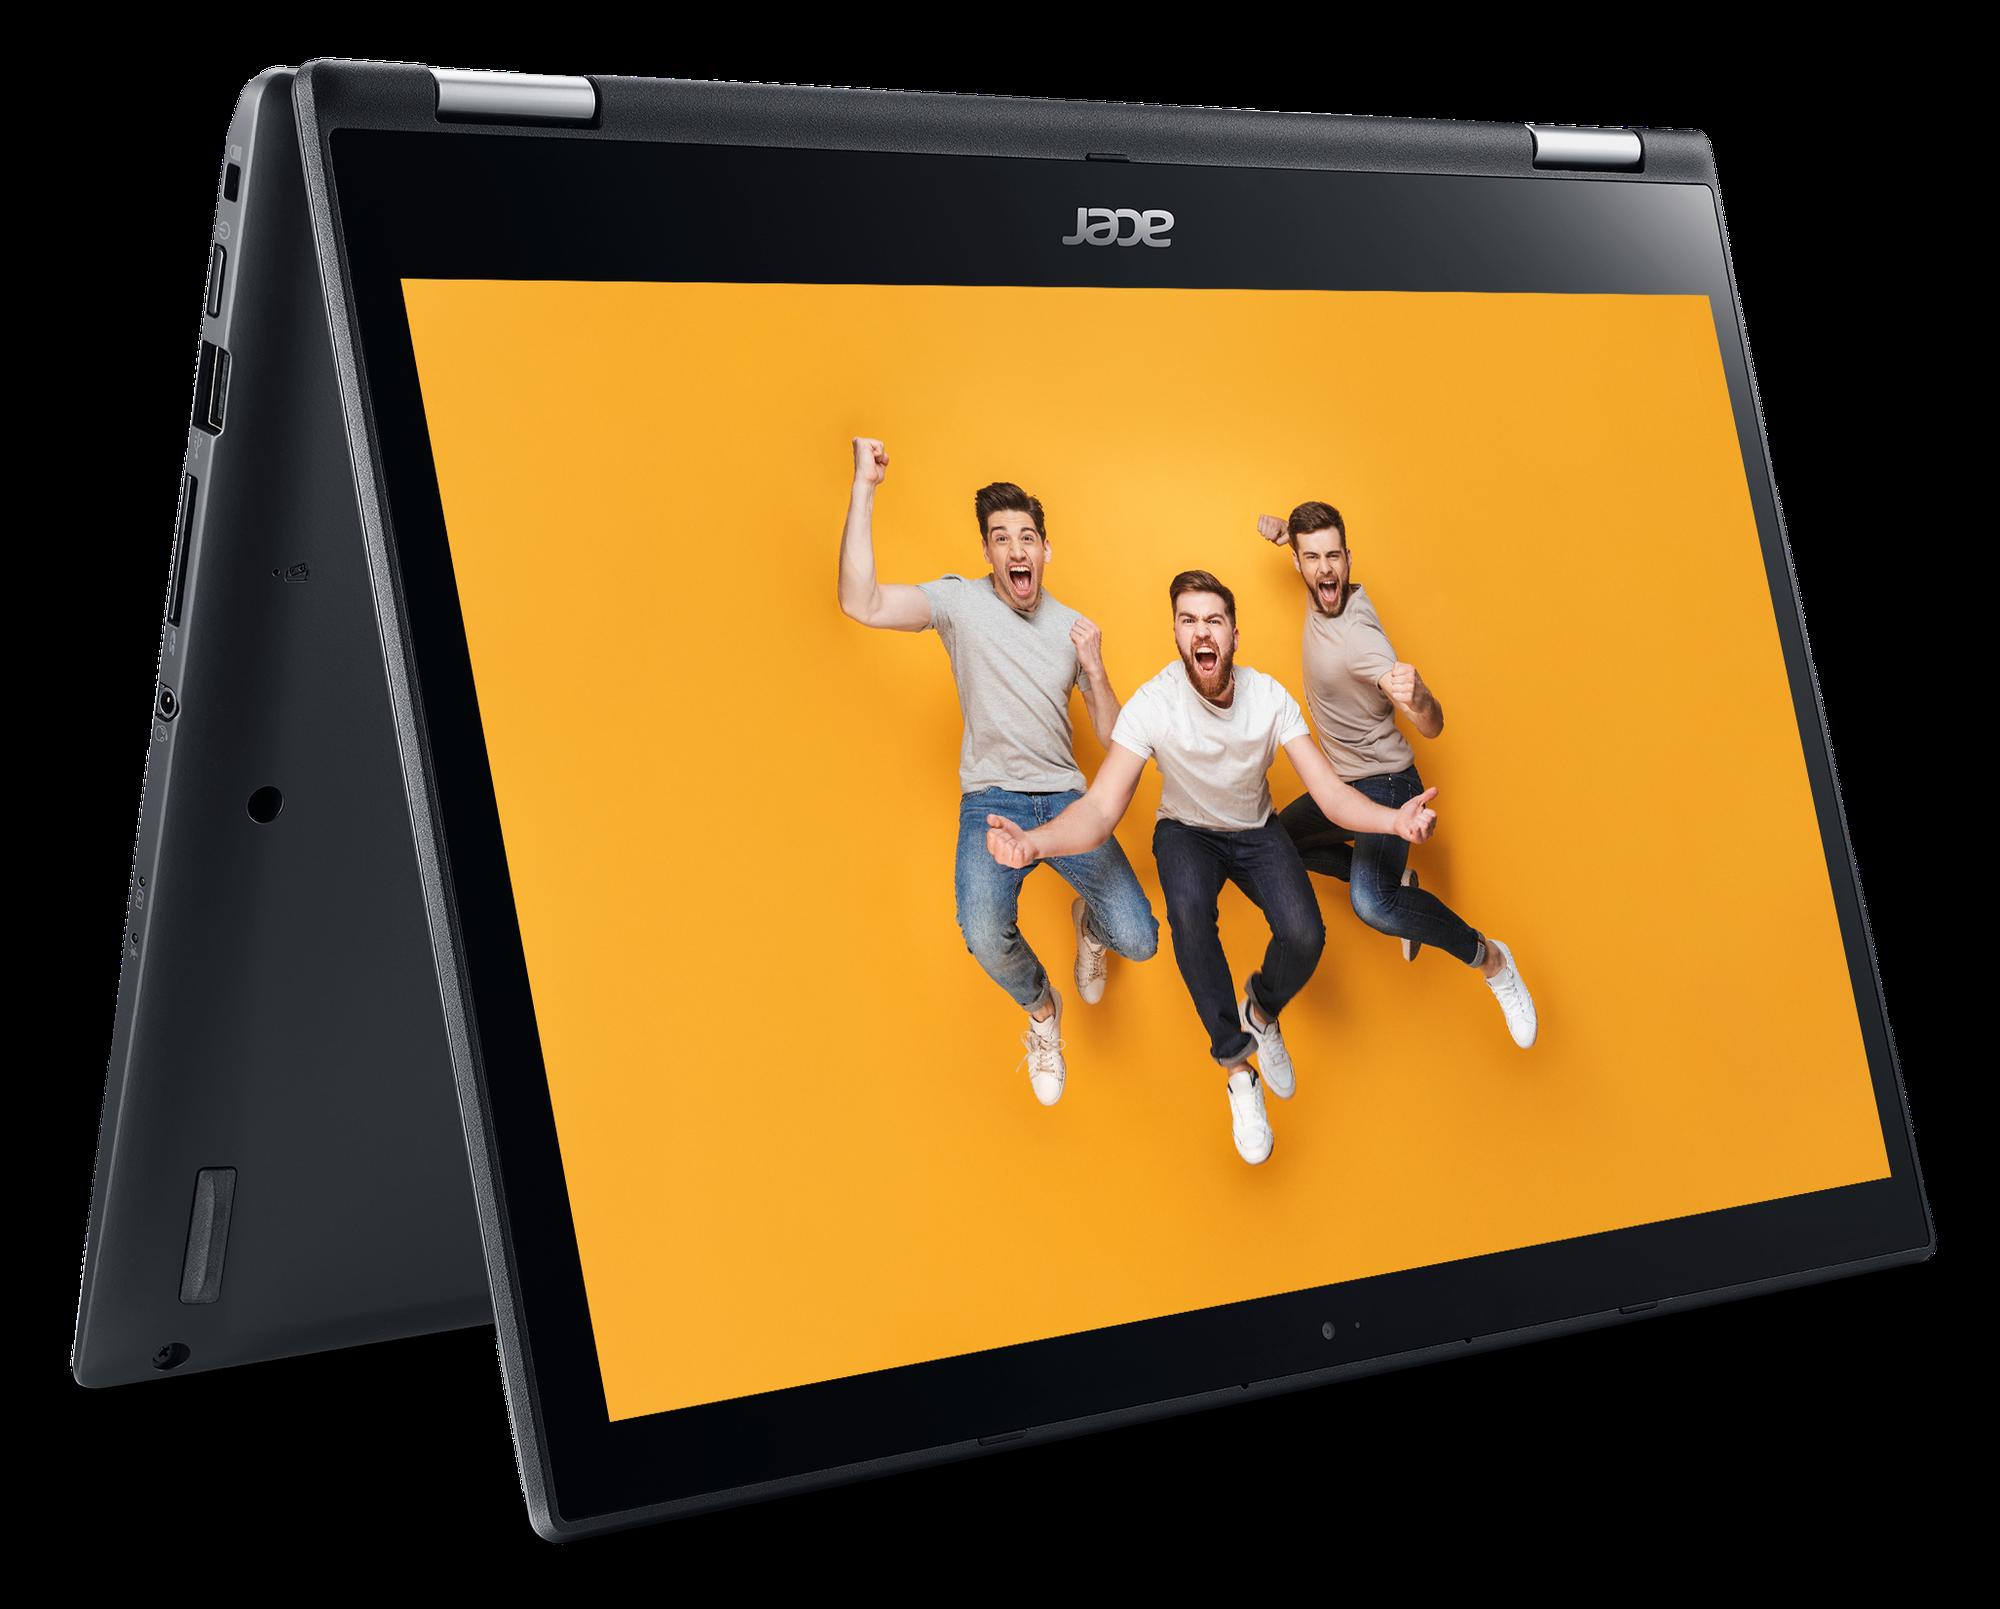 Laptop-giam-gia-tuan-nay-laptop-Asus-HP-Dell-van-tiep-tuc-duoc-giam-gia-voi-hinh-thuc-mua-online 4